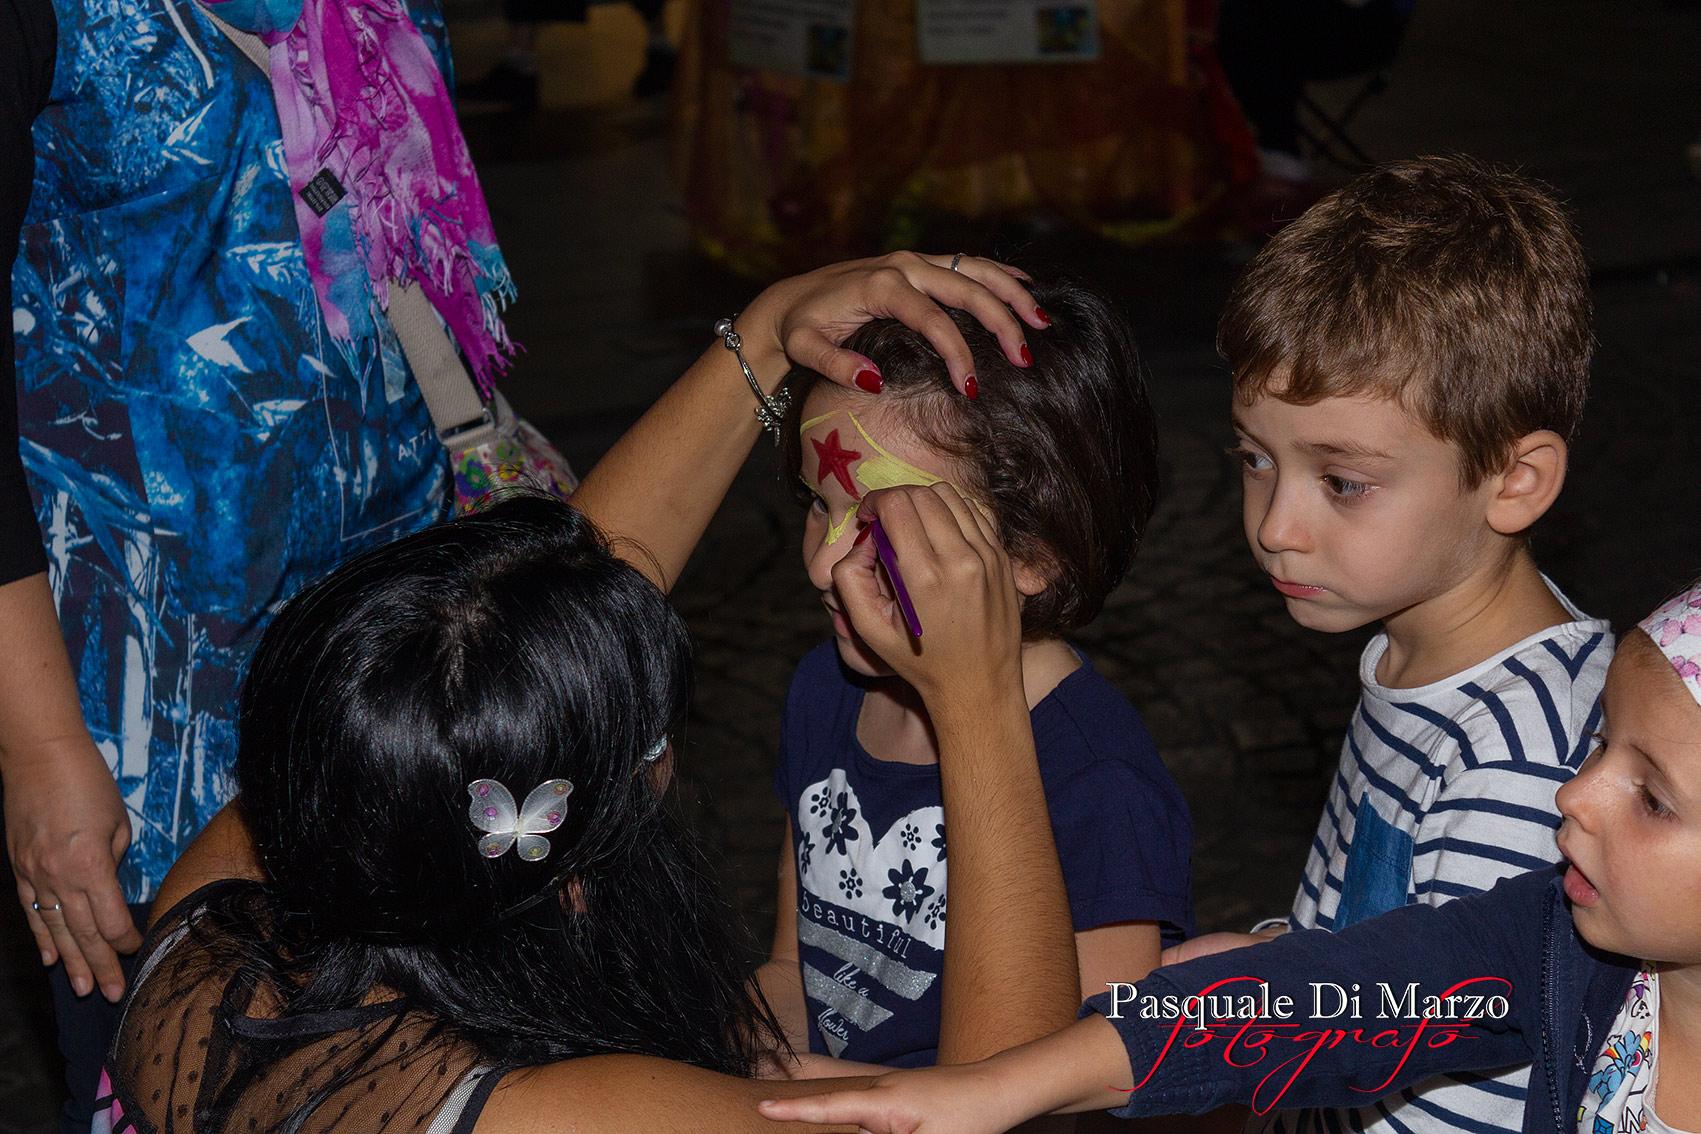 IMG 7036 A NAPOLI IN VIA TOLEDO LA SECONDA EDIZIONE DEL NAPOLI BUSKERS FESTIVAL, LA FOTOGALLERY